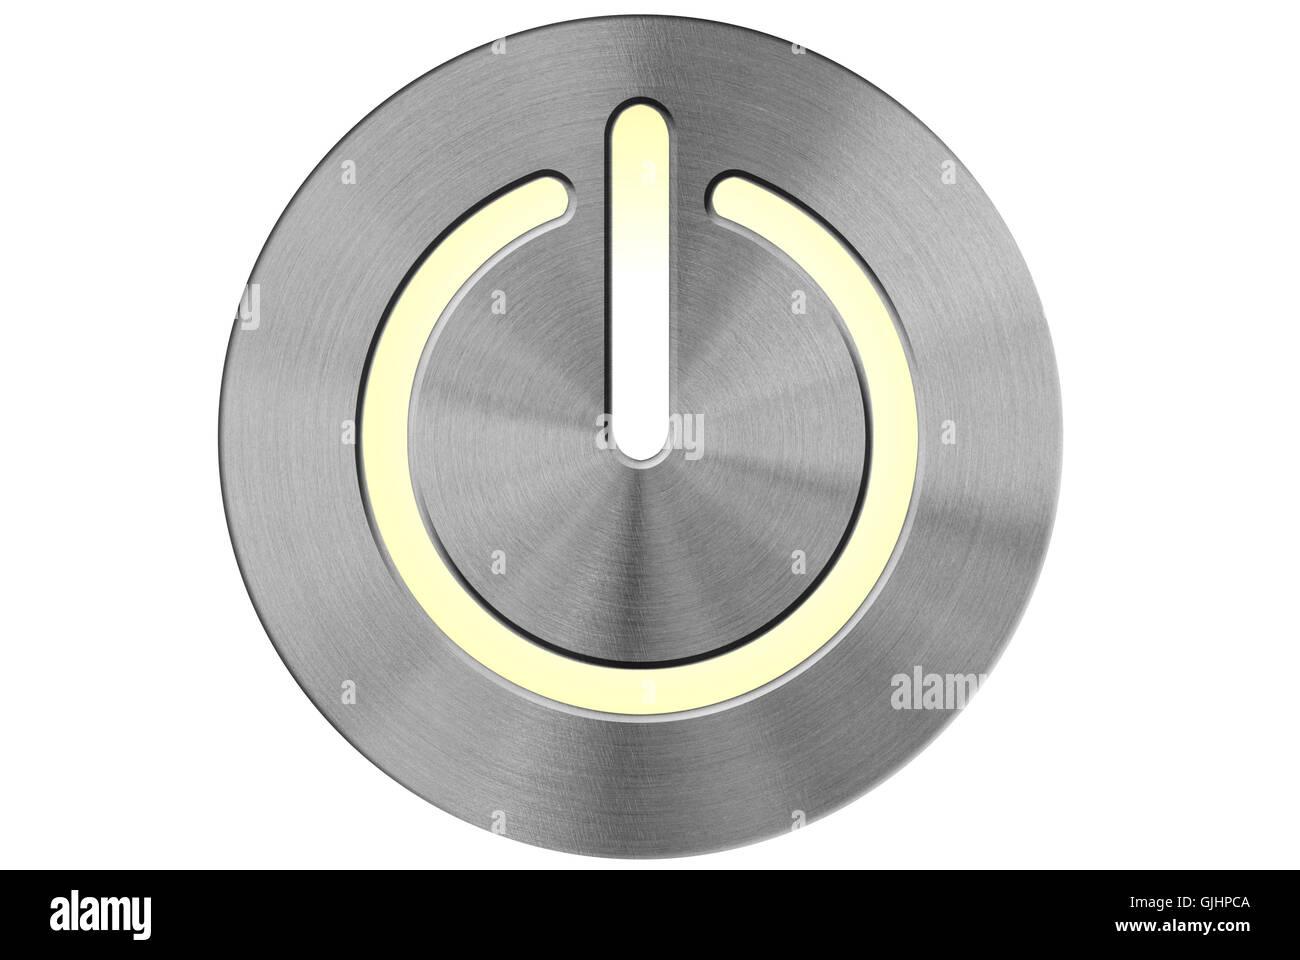 Key Switch Stockfotos & Key Switch Bilder - Alamy